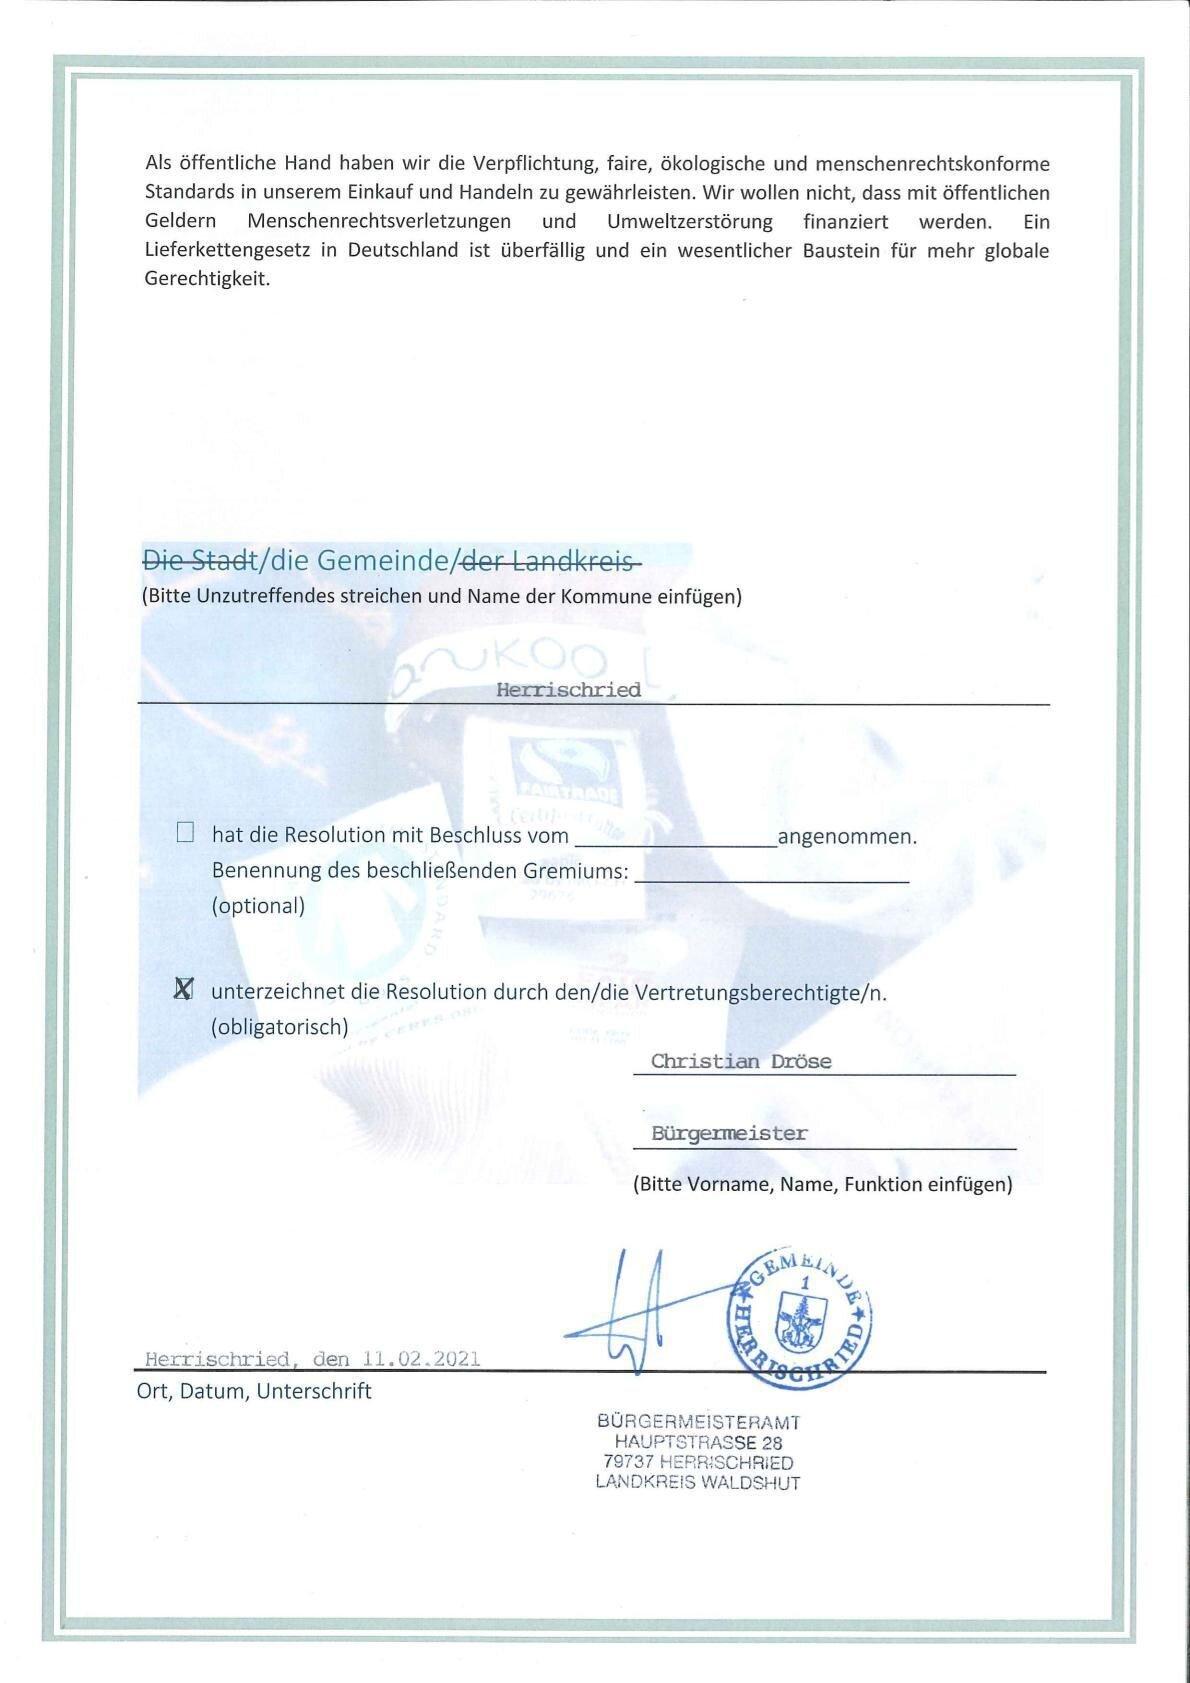 Resolution Lieferkettengesetz_2-2